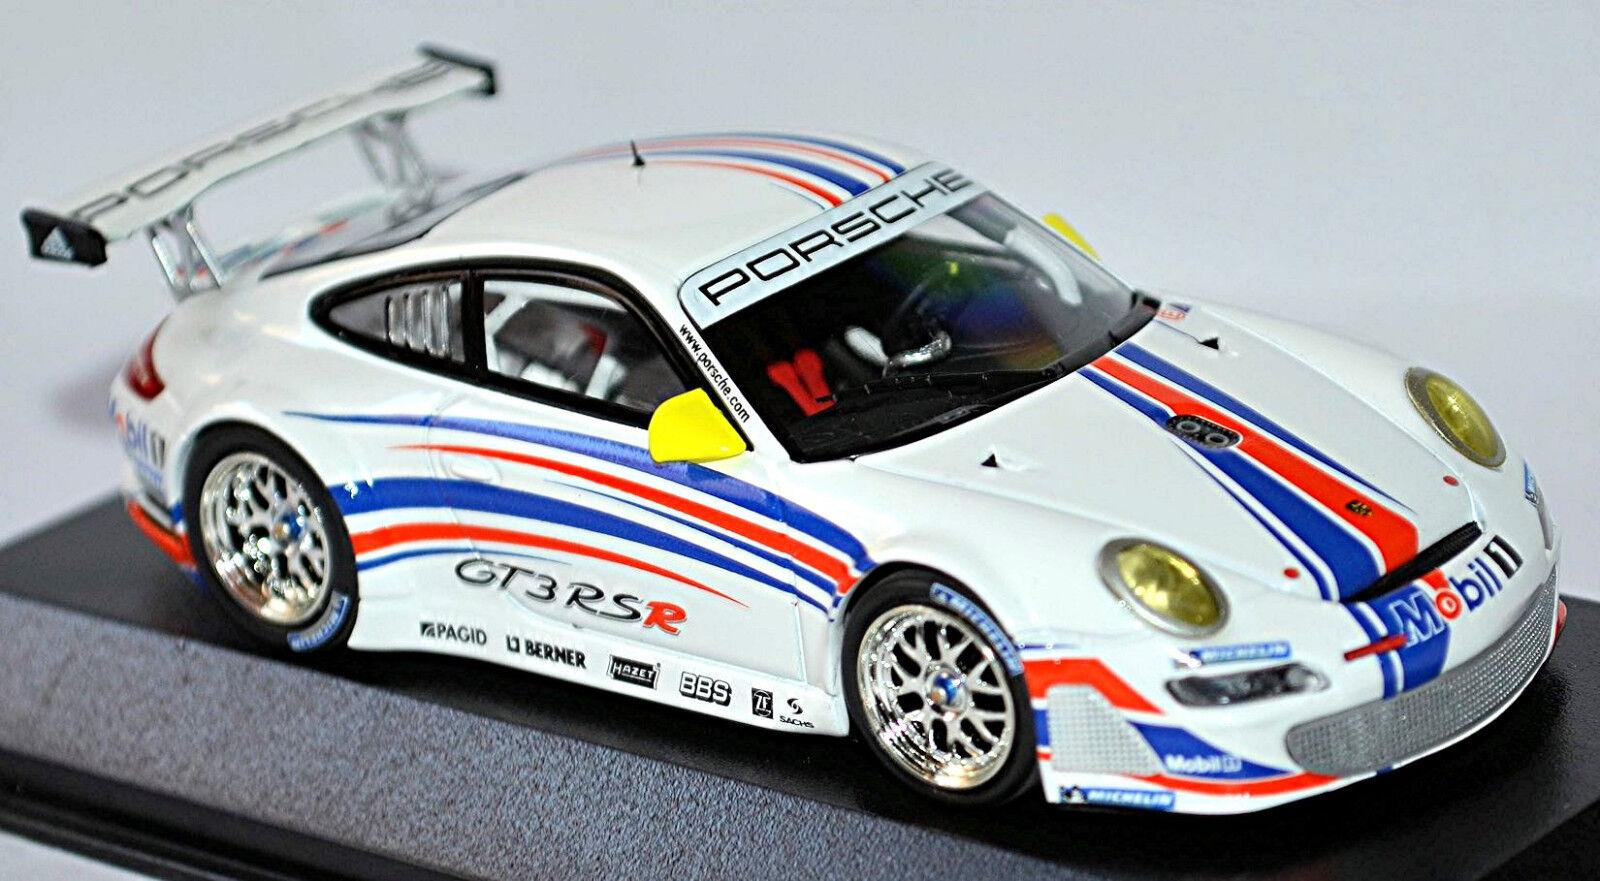 Porsche 911 gt3 rsr 2006 997, diseño de un Porsche blancoo 1  43, mini campeón.